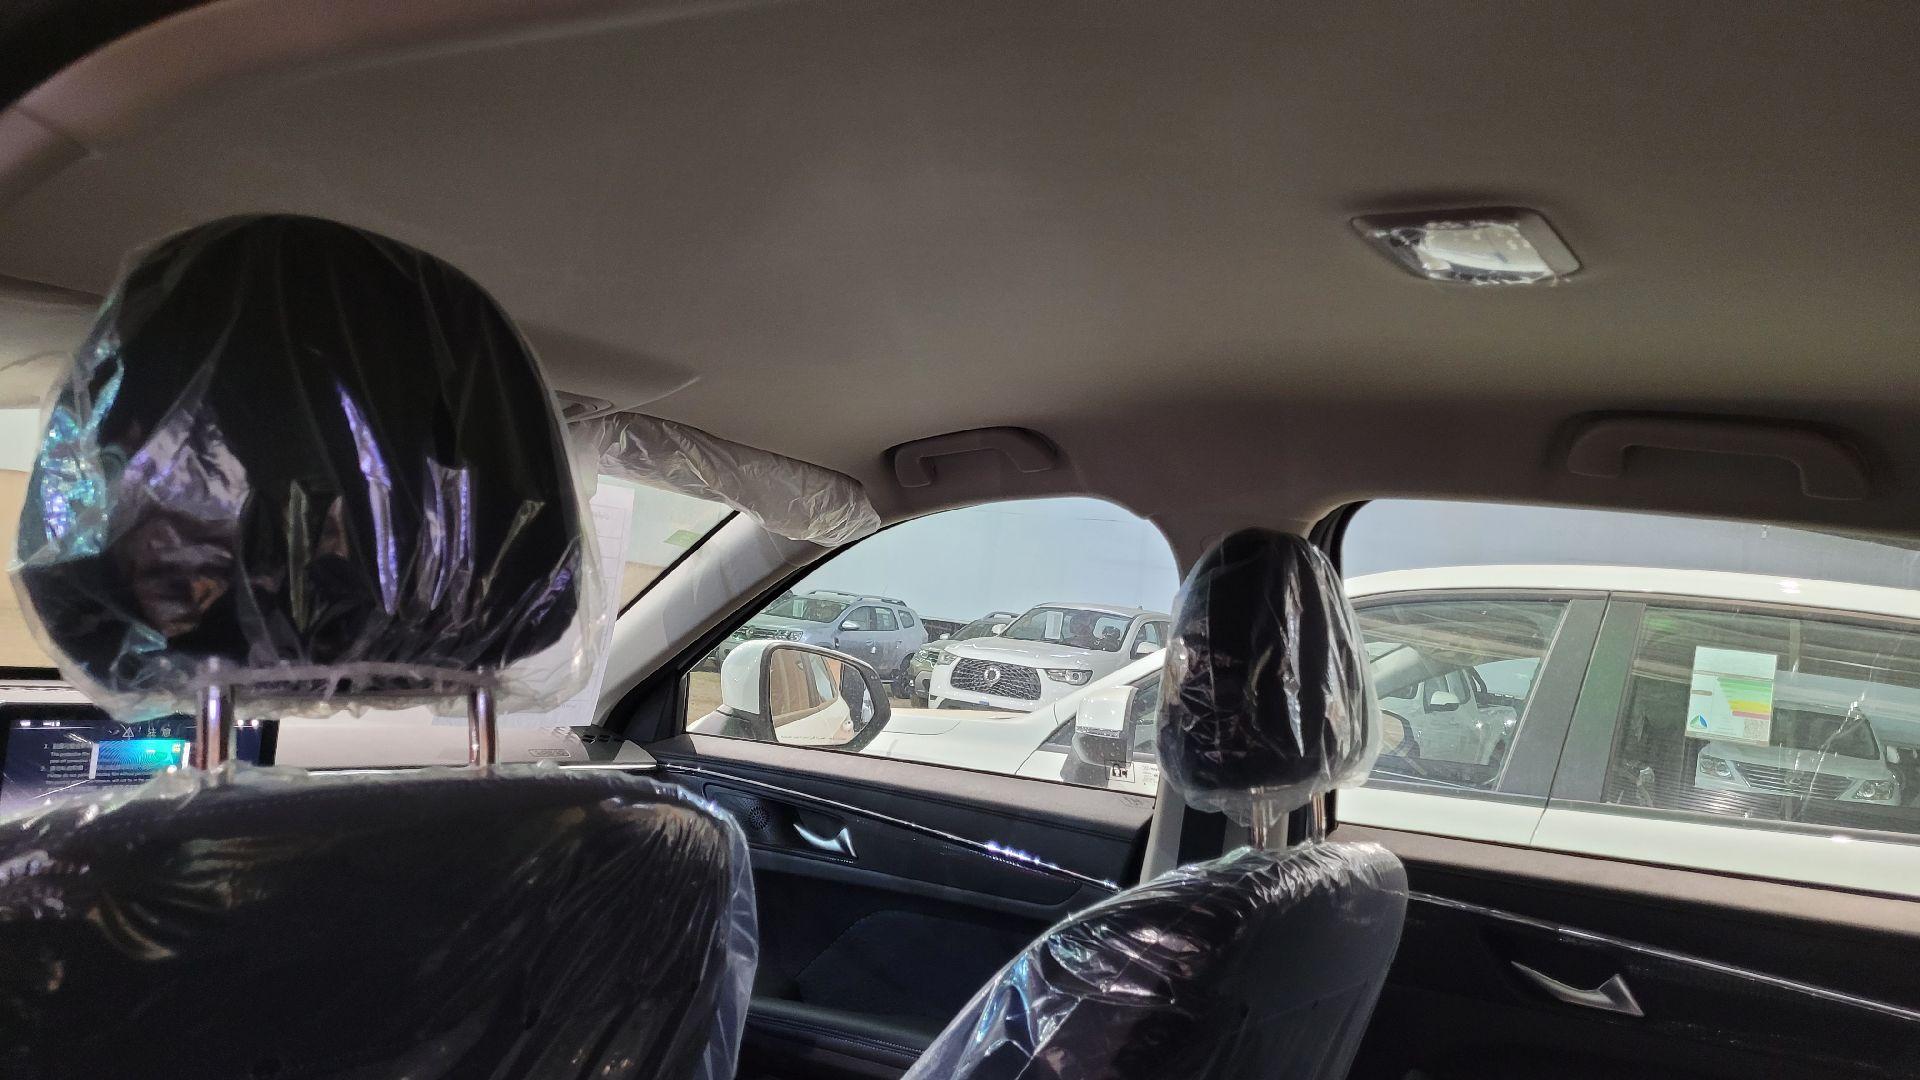 هافال جوليان Basic 2022 ستاندر سعودي للبيع في الرياض - السعودية - صورة كبيرة - 18